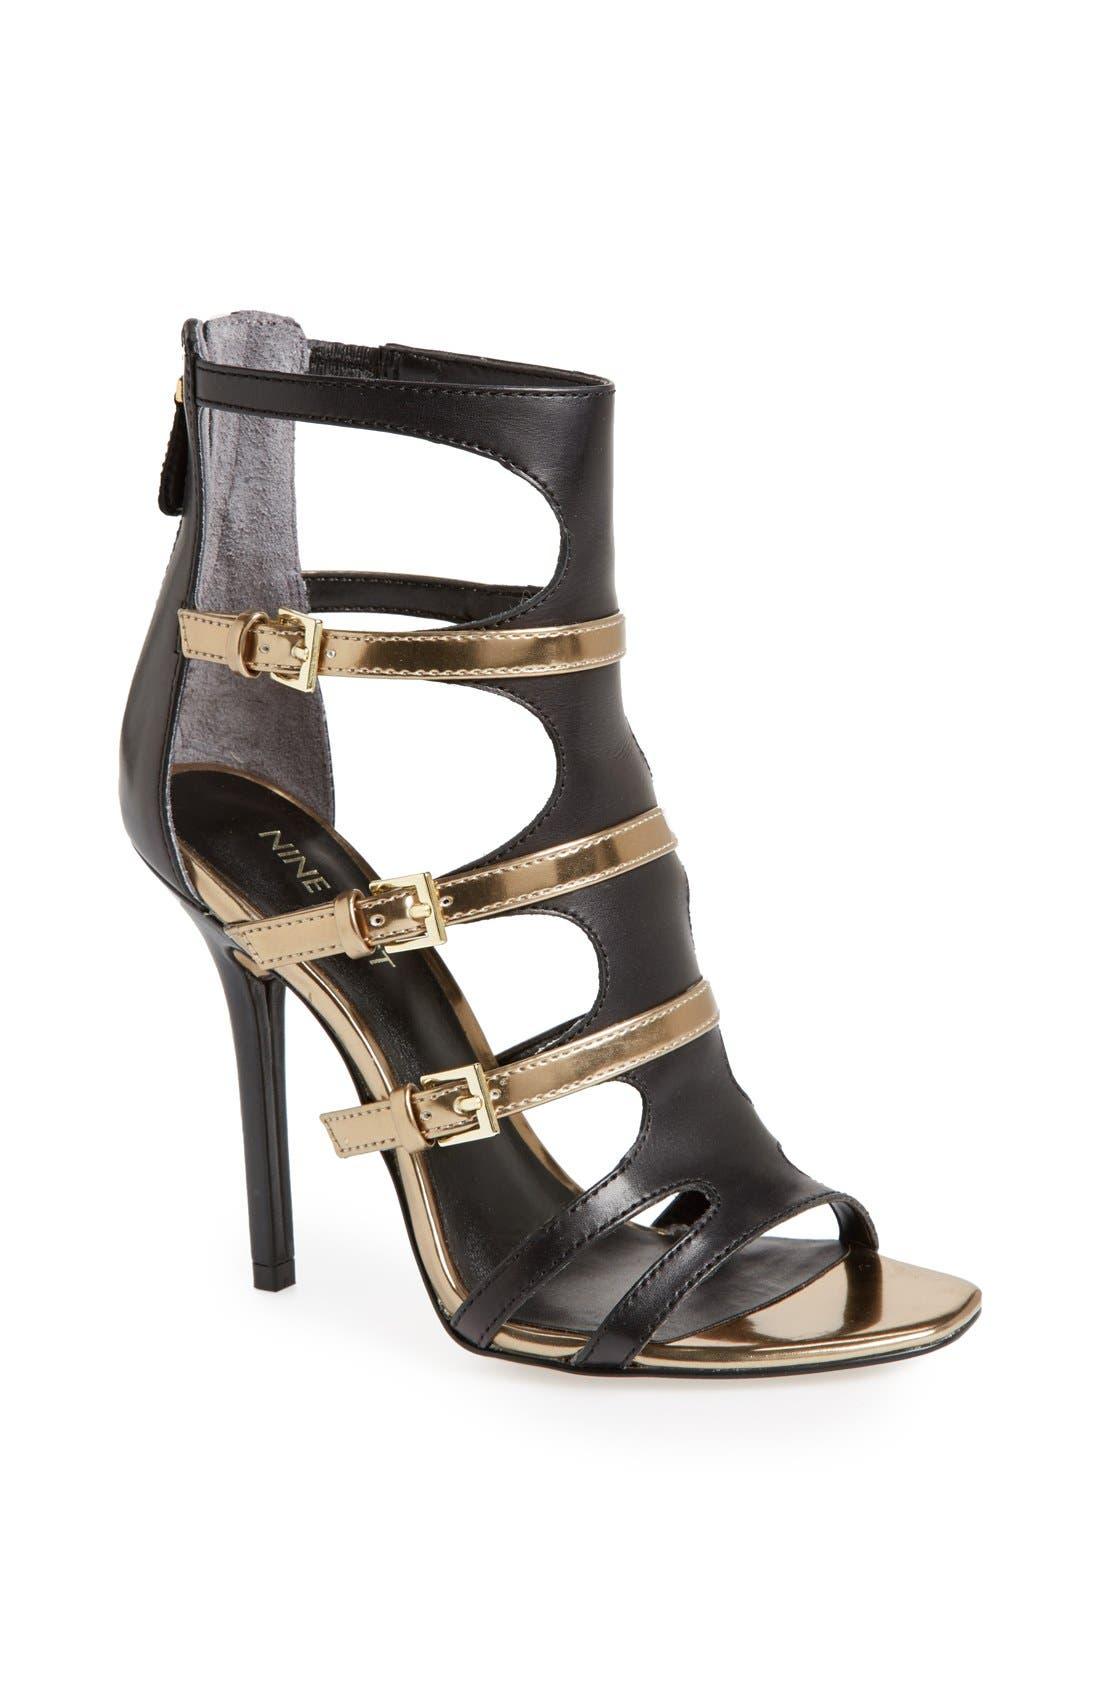 Alternate Image 1 Selected - Nine West 'Karoler' Gladiator Sandal